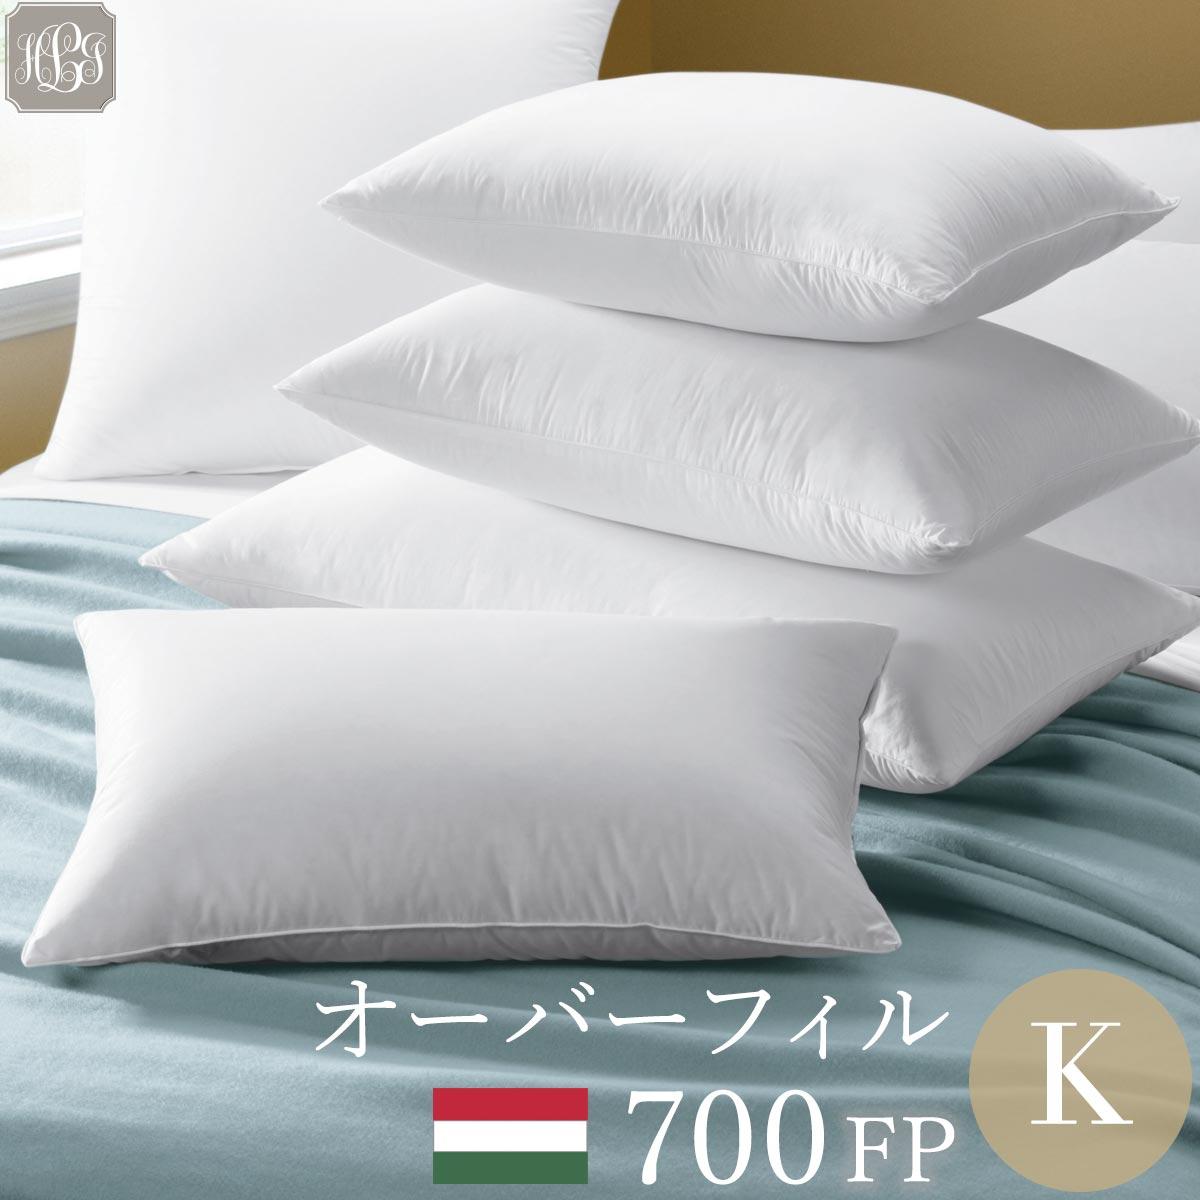 羽毛枕 700FPヨーロピアンホワイトグース キング 50cmx91cm オーバーフィル 高級ホテル 高め 80番手 超長綿100%